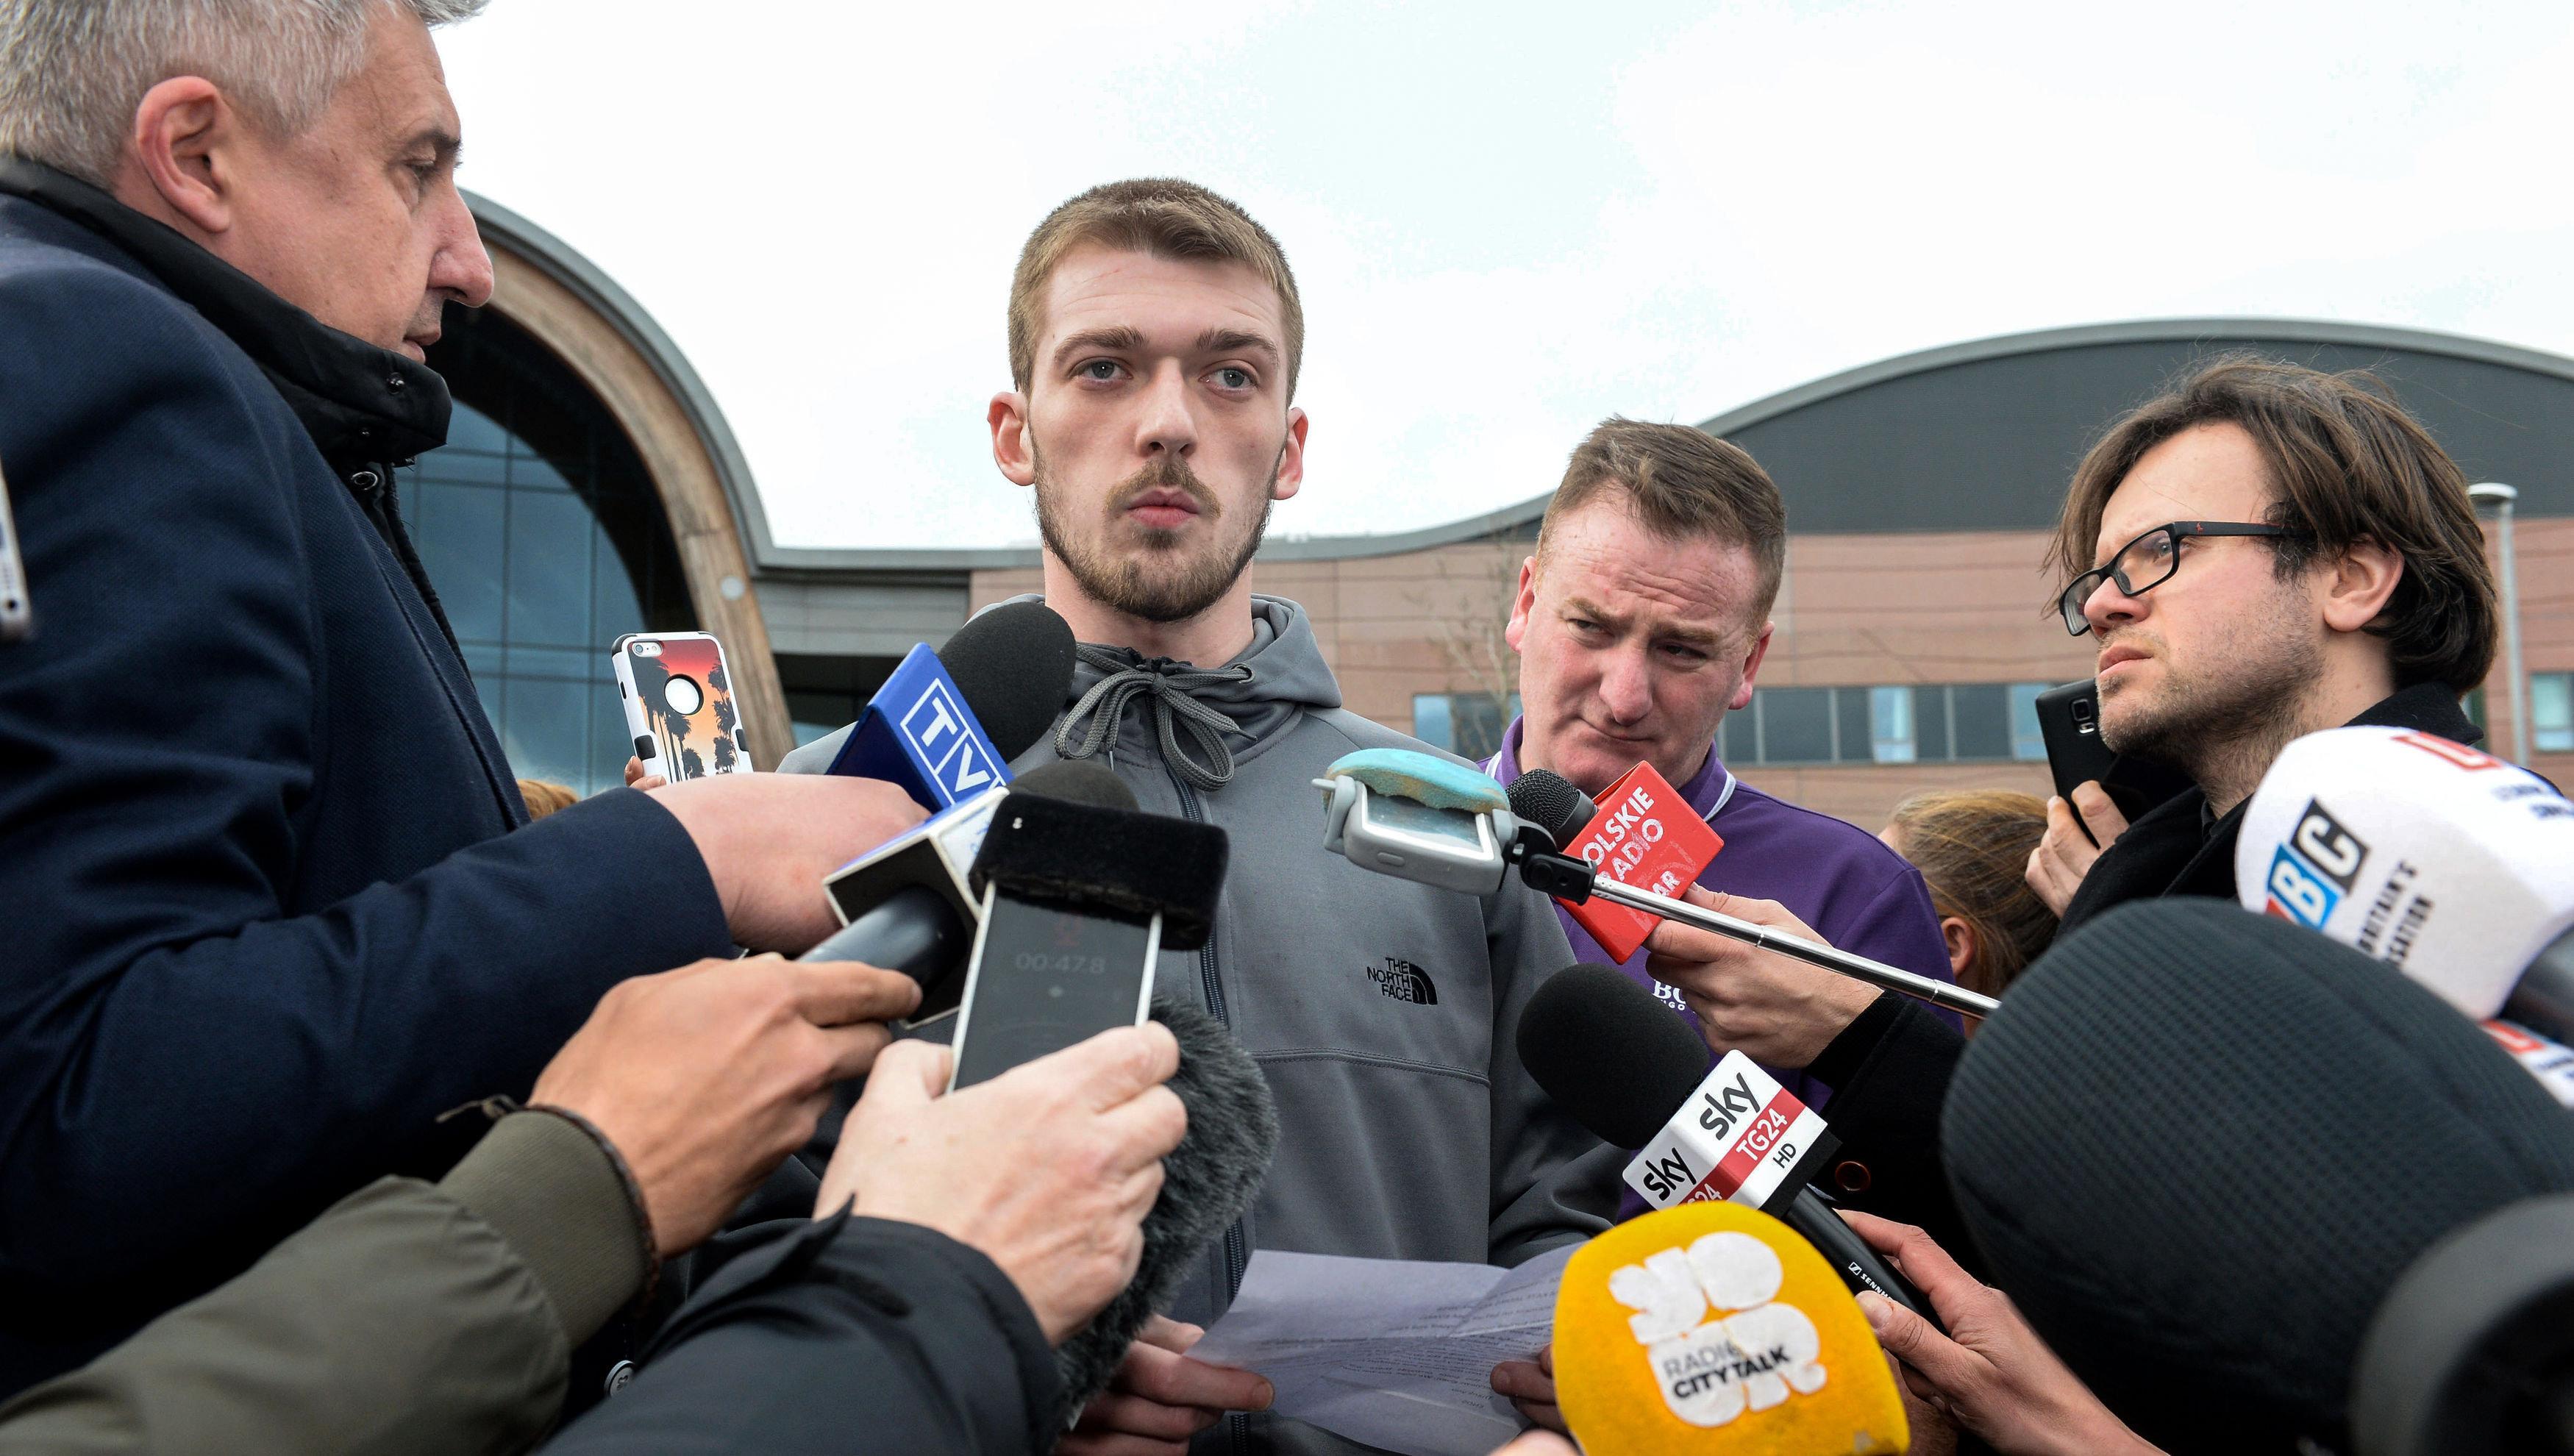 Tom Evans speaks to the media outside Liverpool's Alder Hey Children's Hospital.